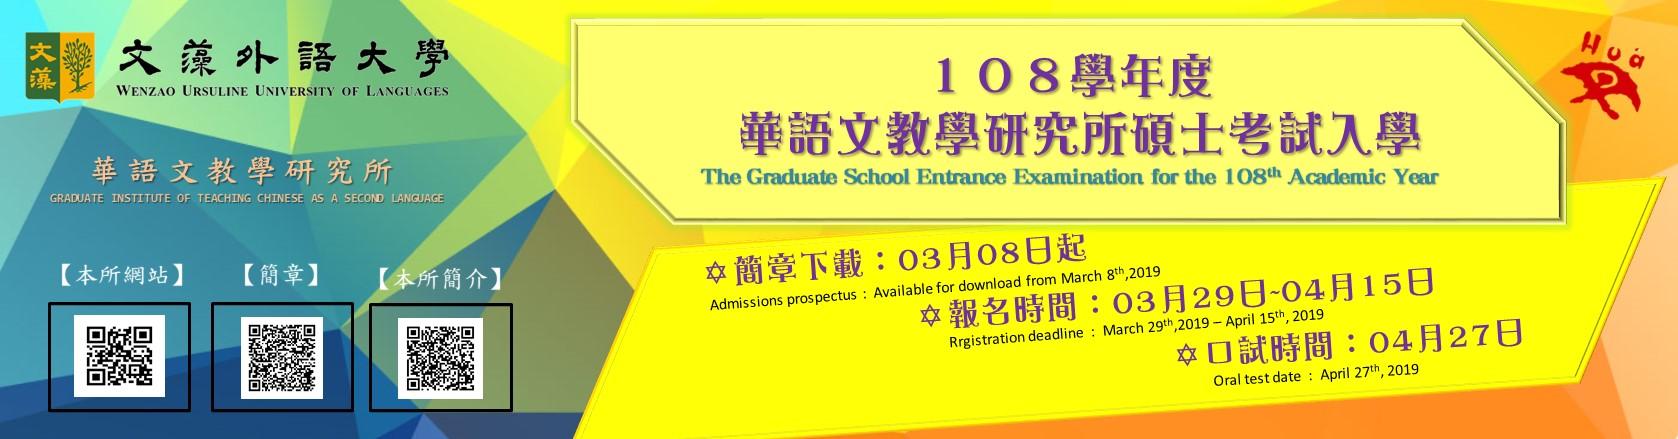 華語文研究所碩士考試入學(另開新視窗)